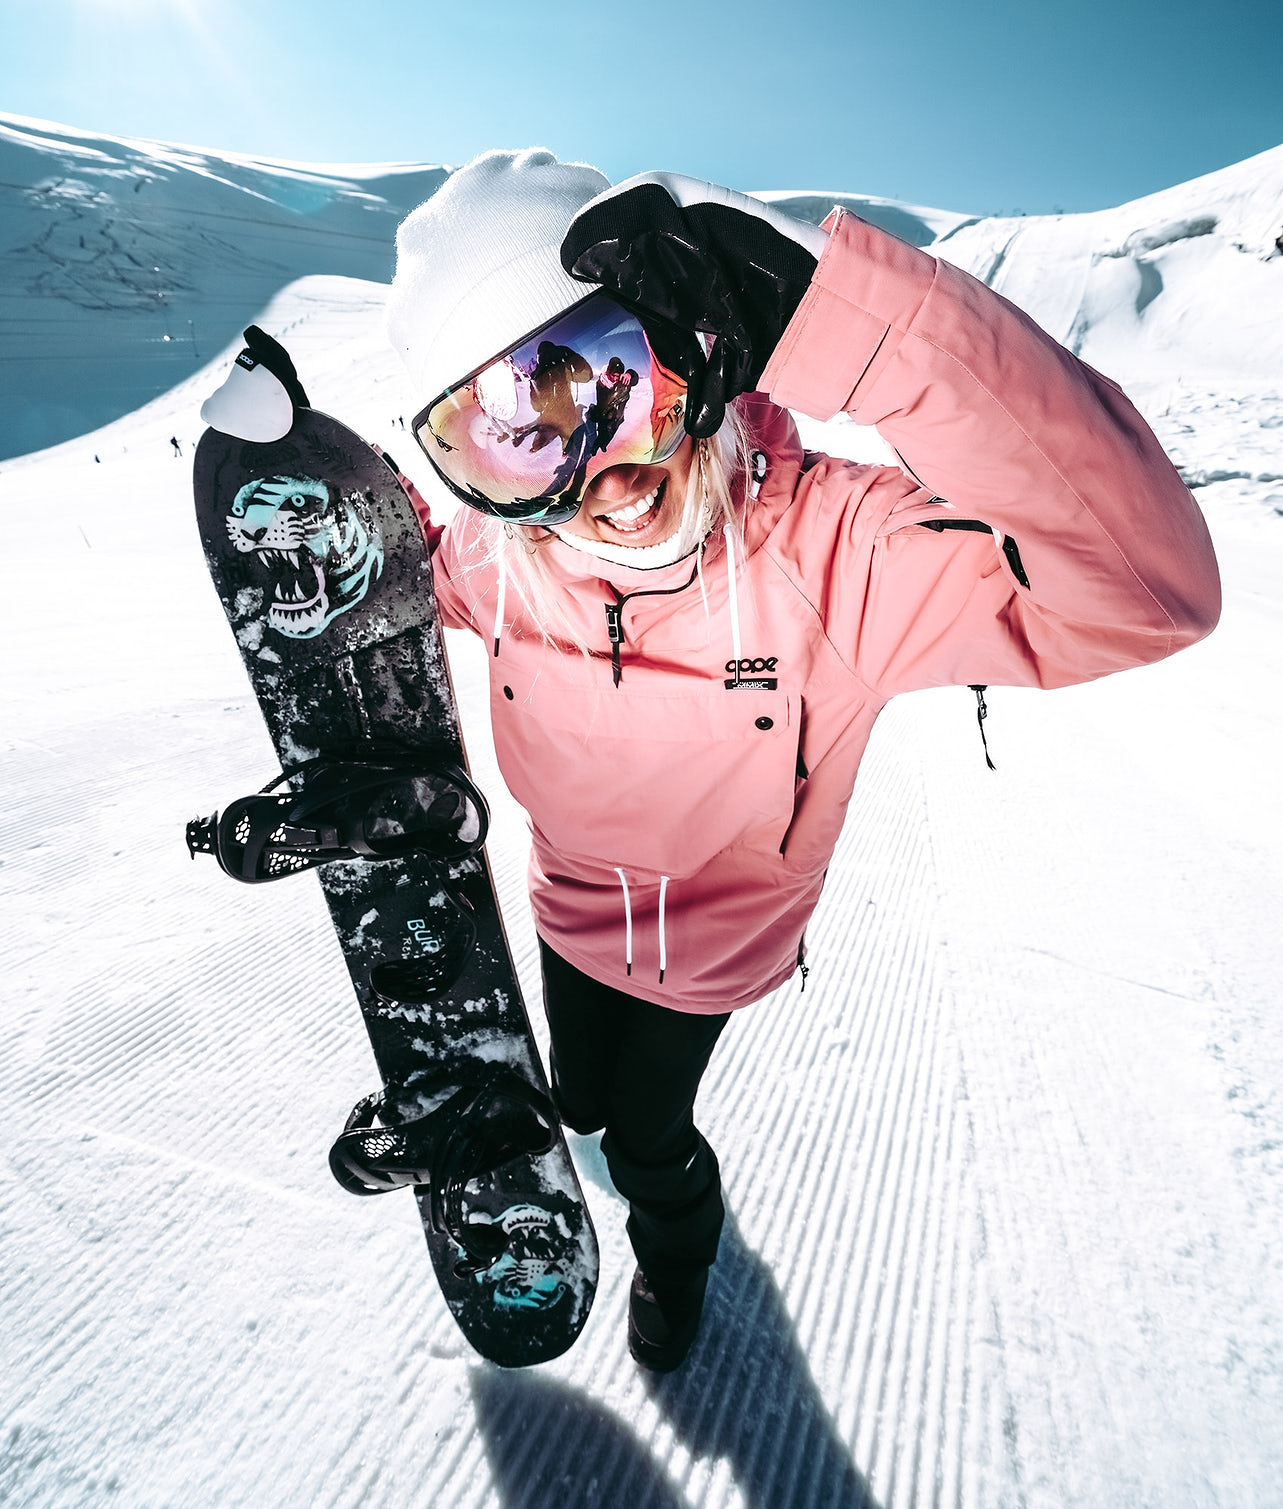 Annok W 18 | Achète des Veste de Snowboard de chez Dope sur Ridestore.fr | Bien-sûr, les frais de ports sont offerts et les retours gratuits pendant 30 jours !